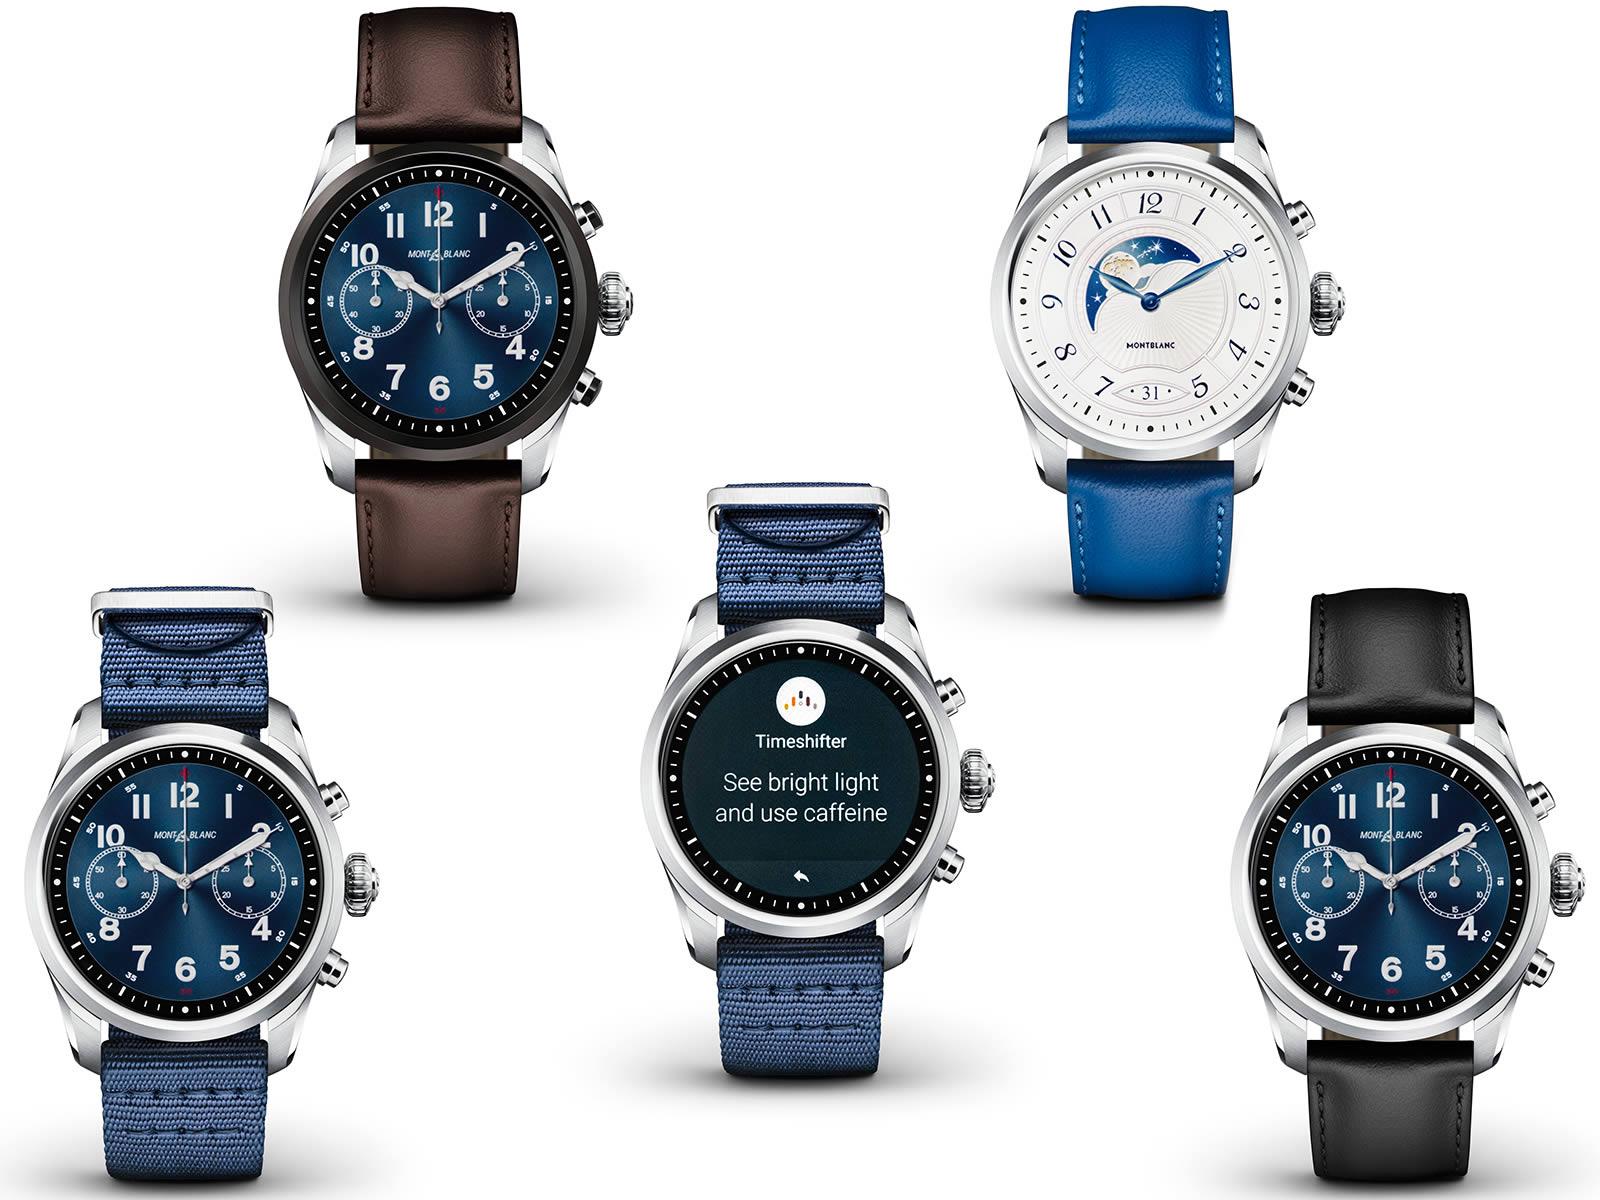 montblanc-summit-2-smartwatch-5-.jpg